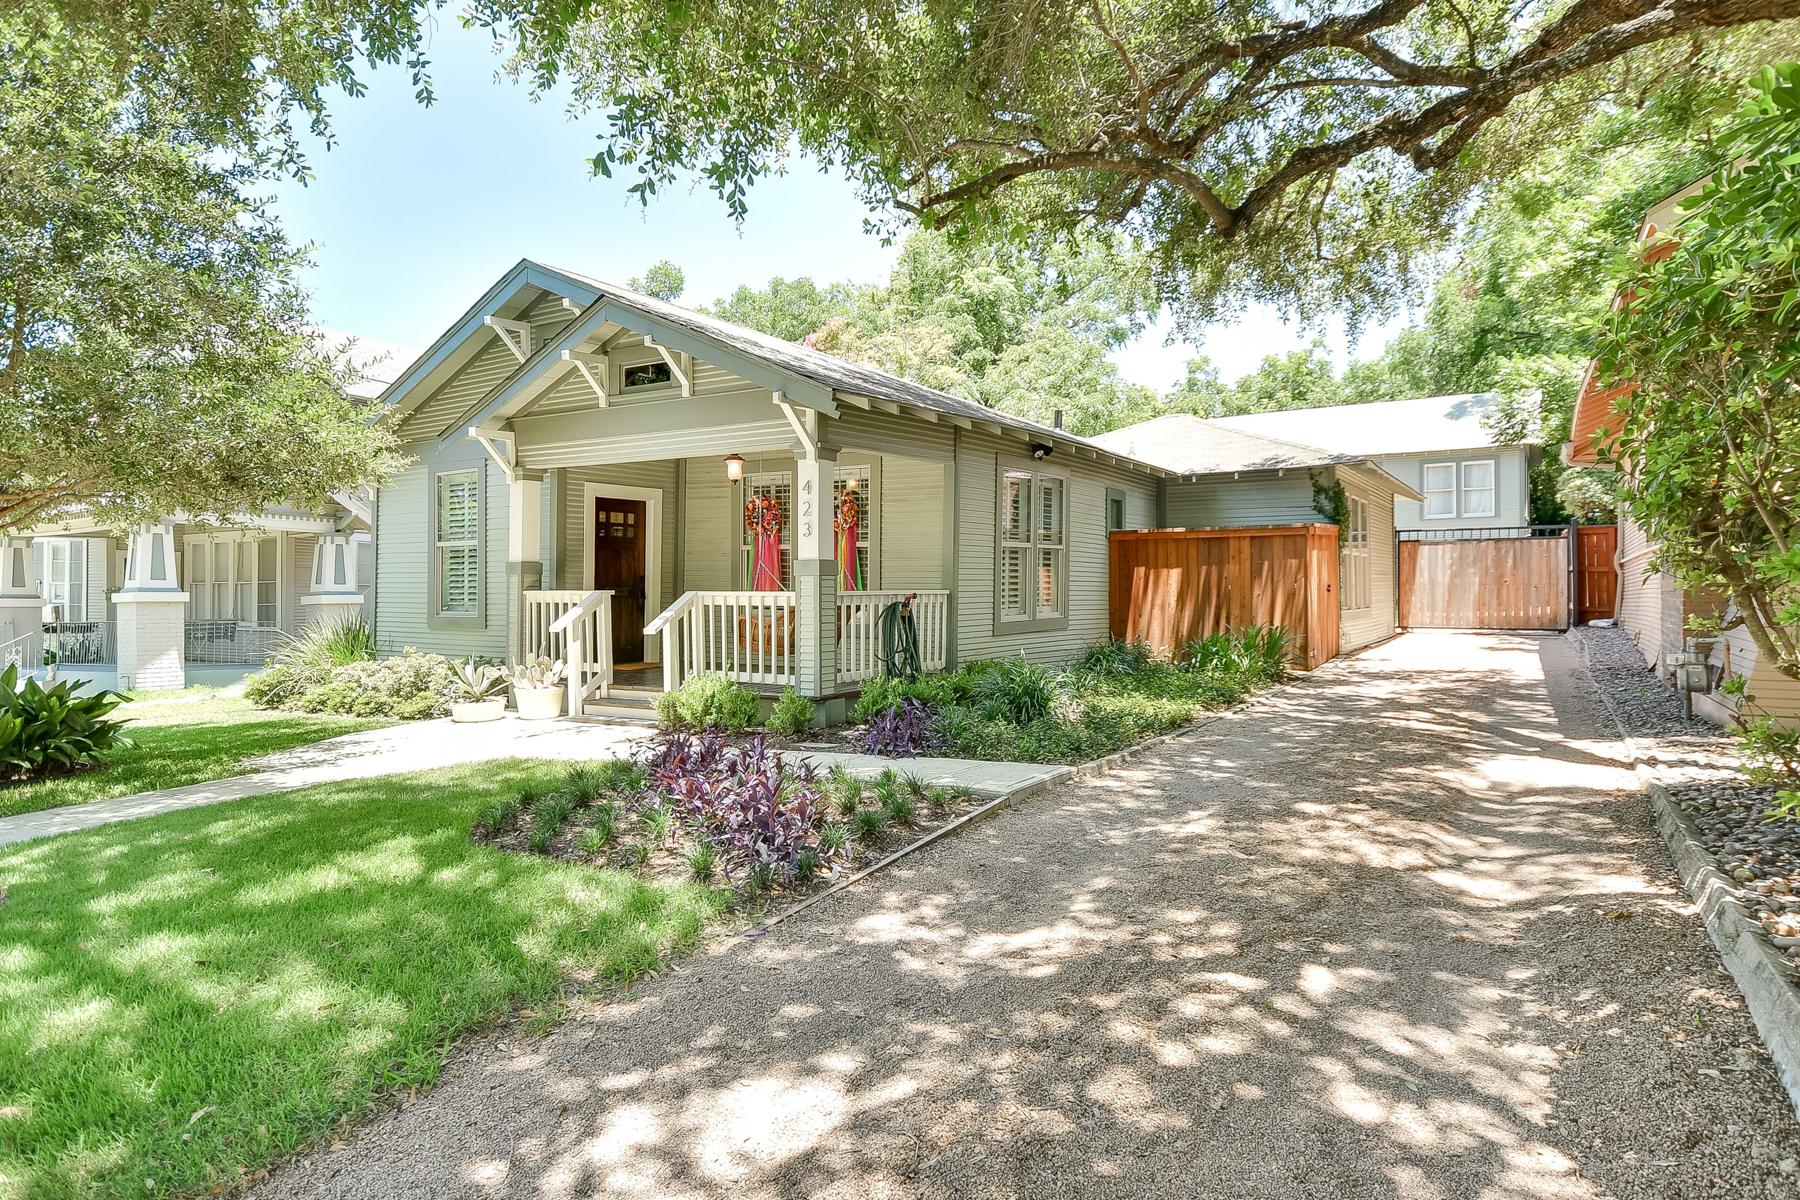 Casa Unifamiliar por un Venta en Adorable Bungalow in Mahncke Park 423 Queen Anne Ct San Antonio, Texas 78209 Estados Unidos